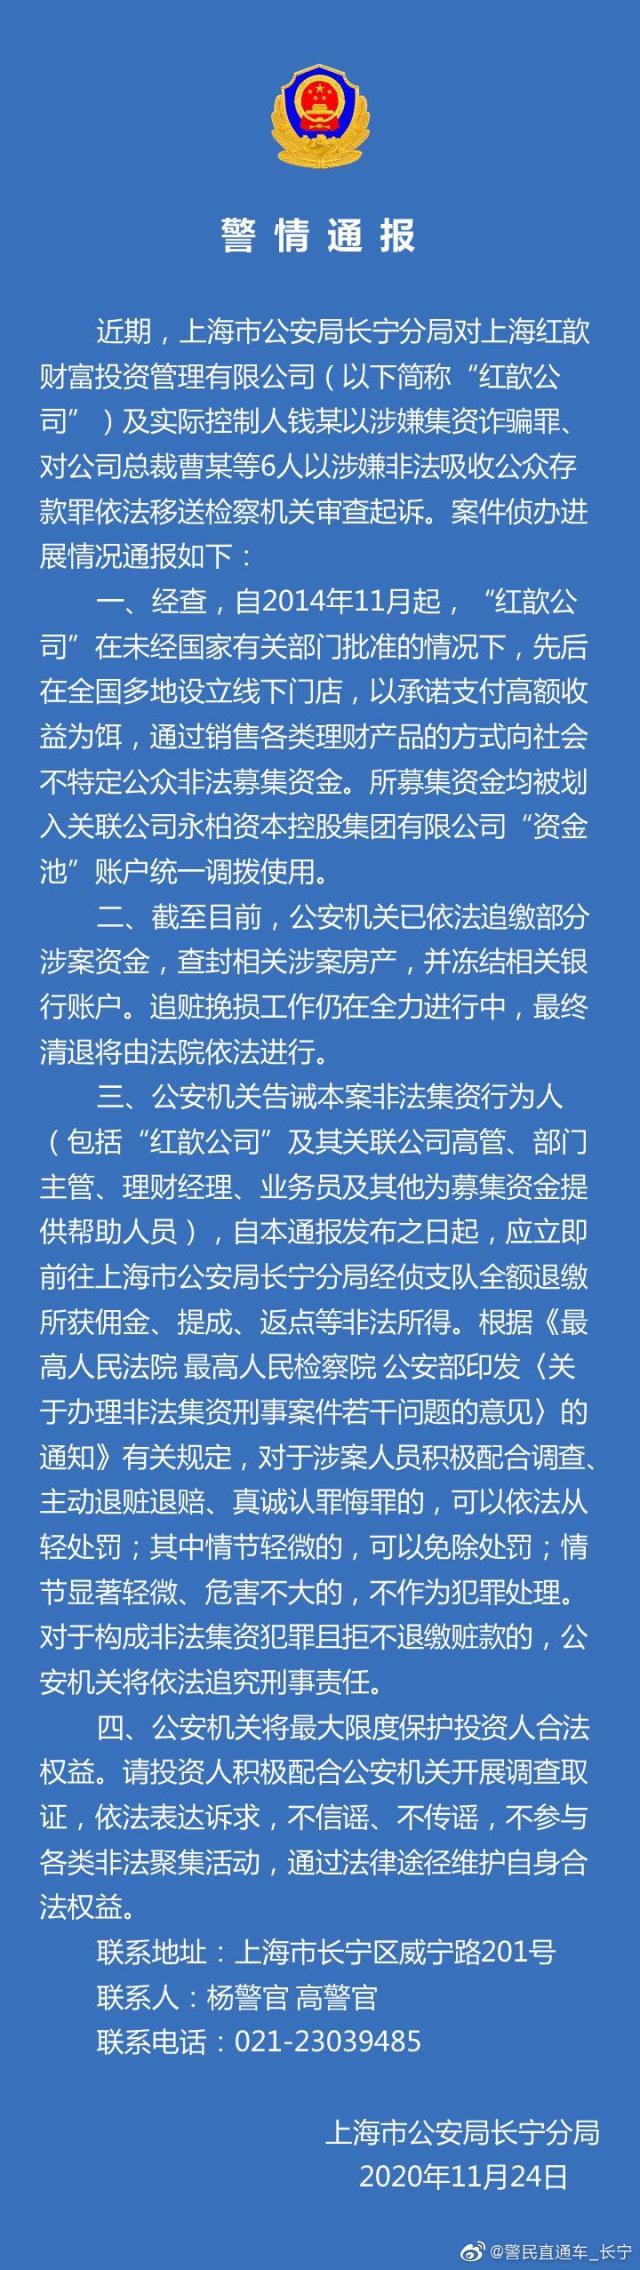 红歆财富案进展:实控人等7人被移送审查起诉